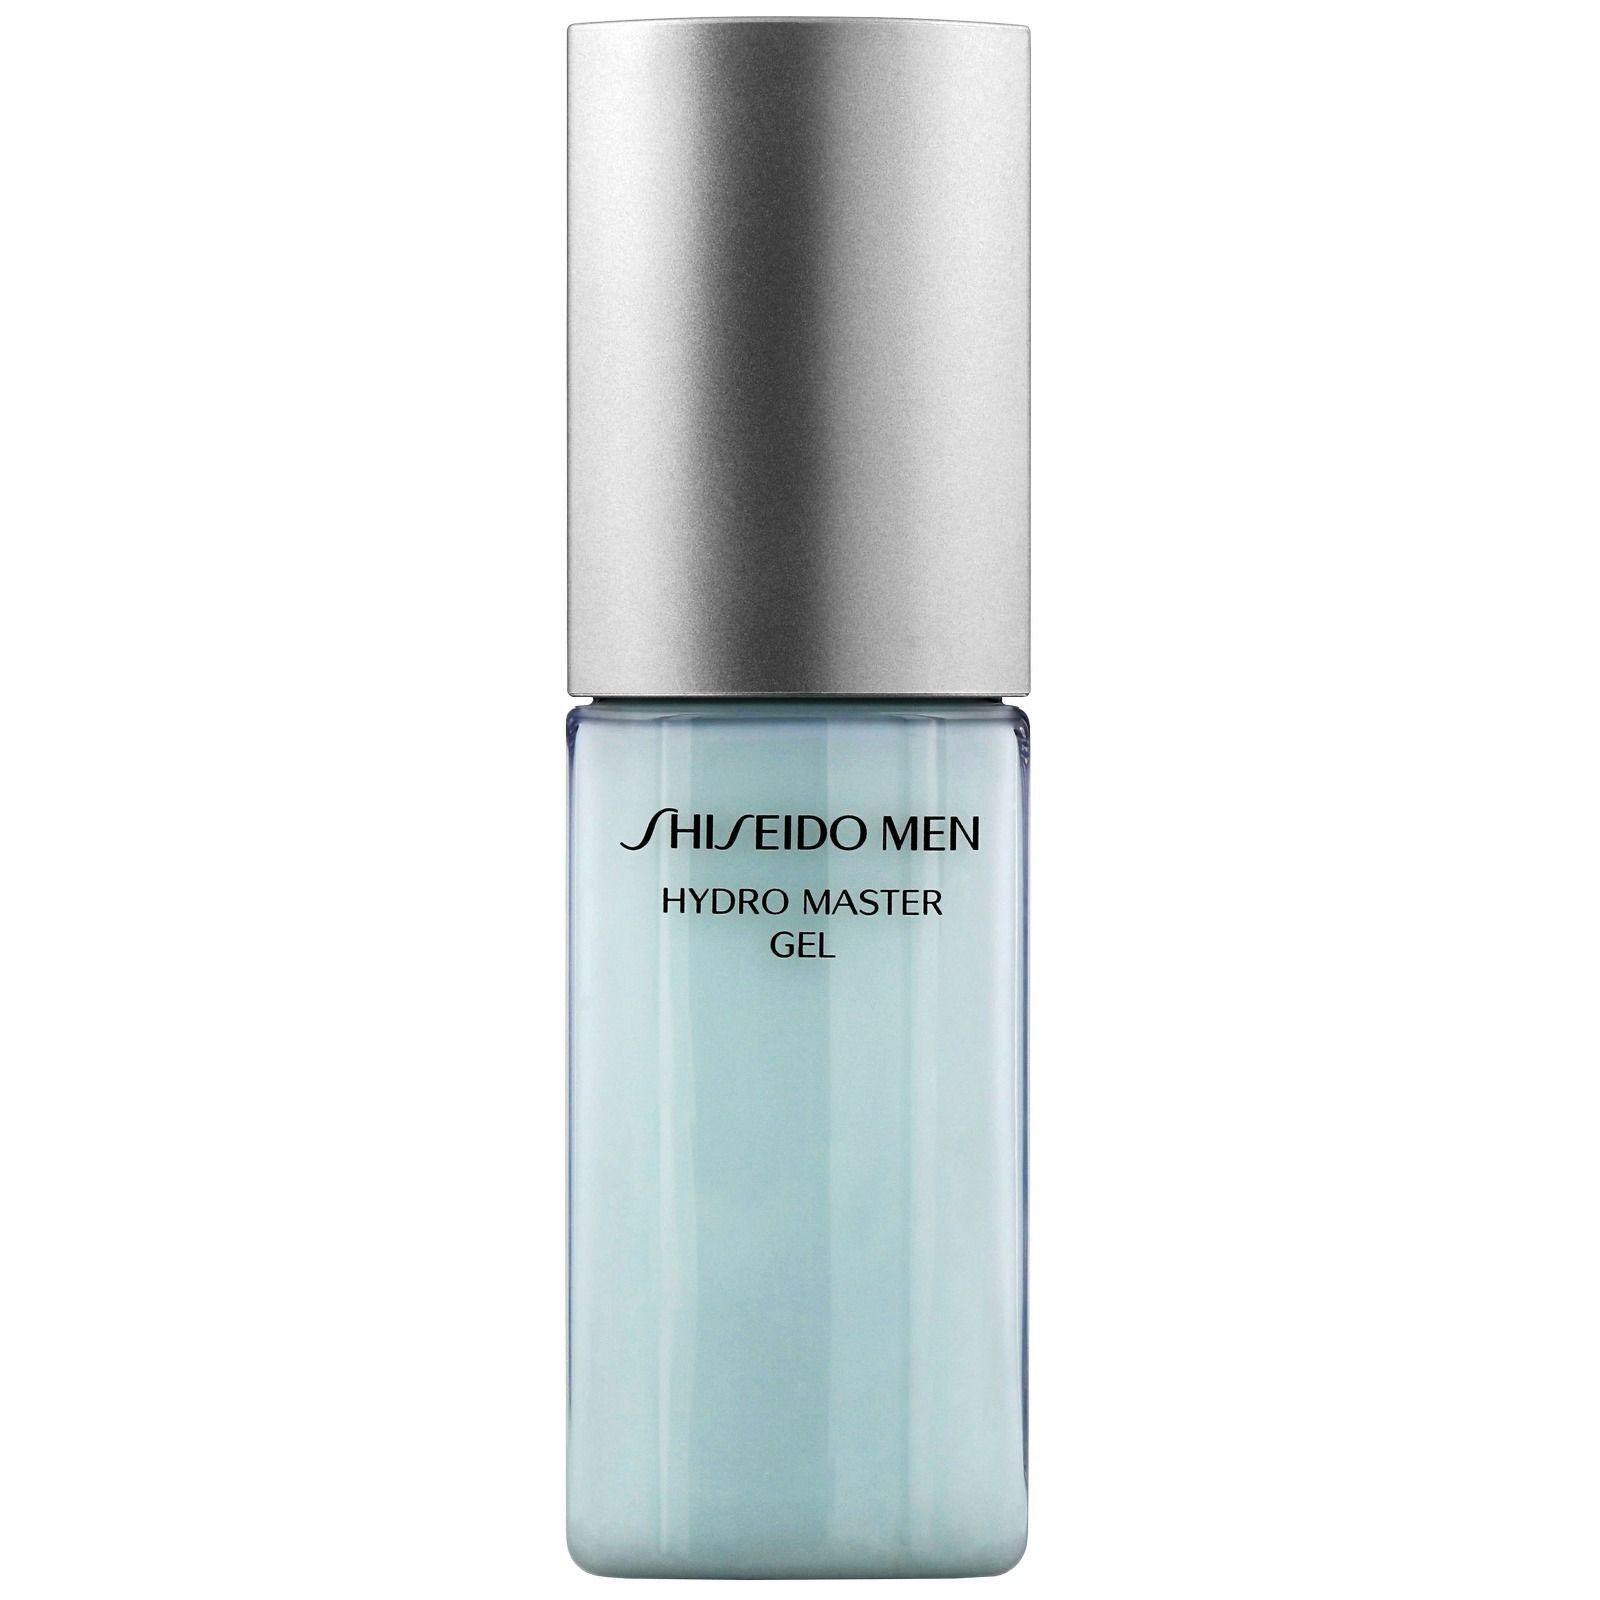 Shiseido Men Master di idro Gel 75ml / 2.5 oz.